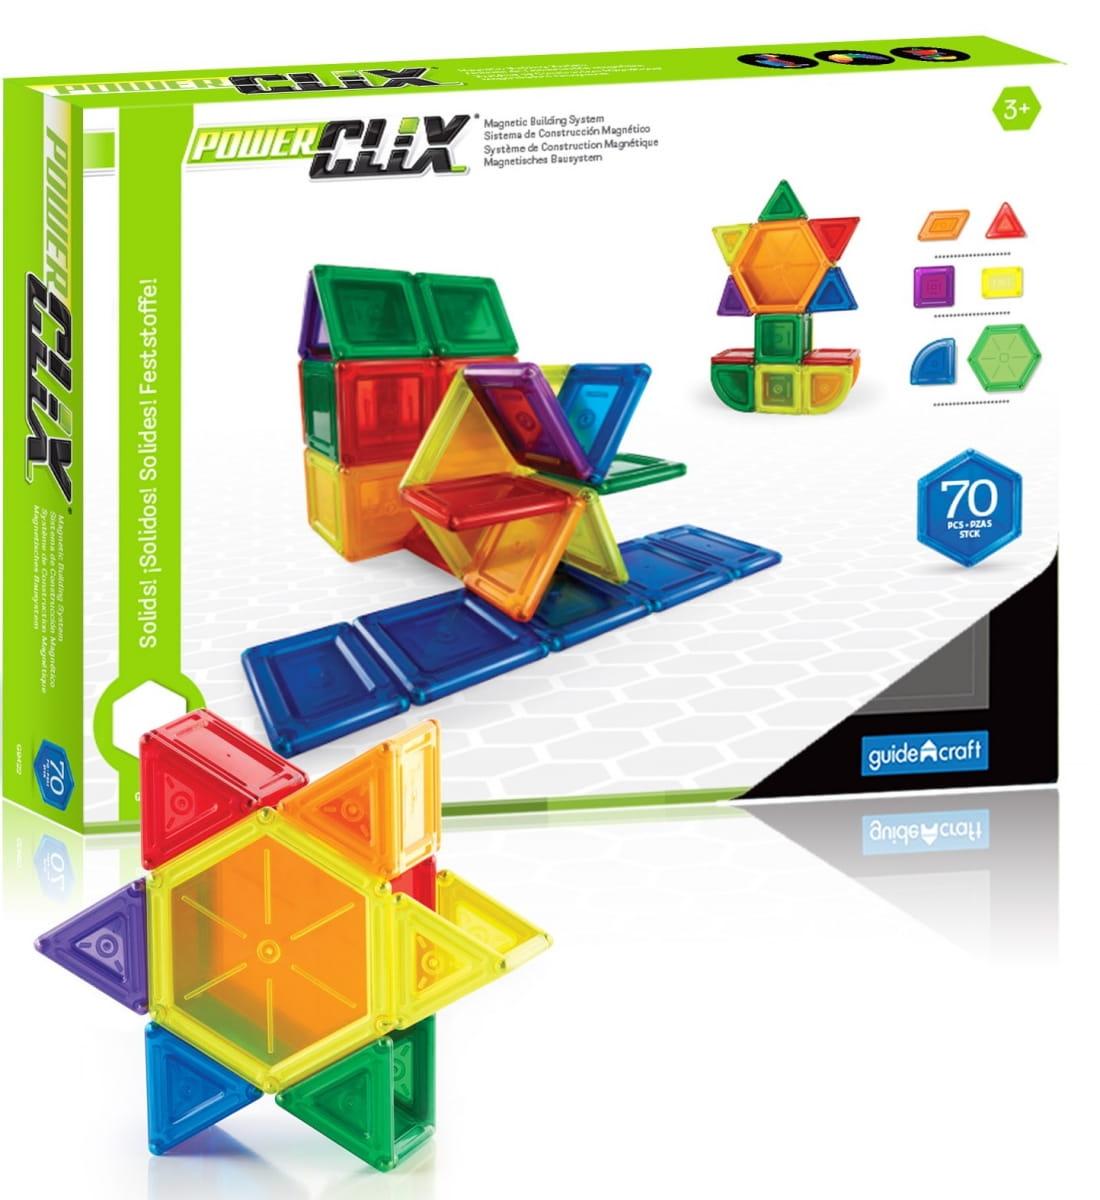 Магнитный конструктор GUIDECRAFT PowerClix Solids - 70 деталей